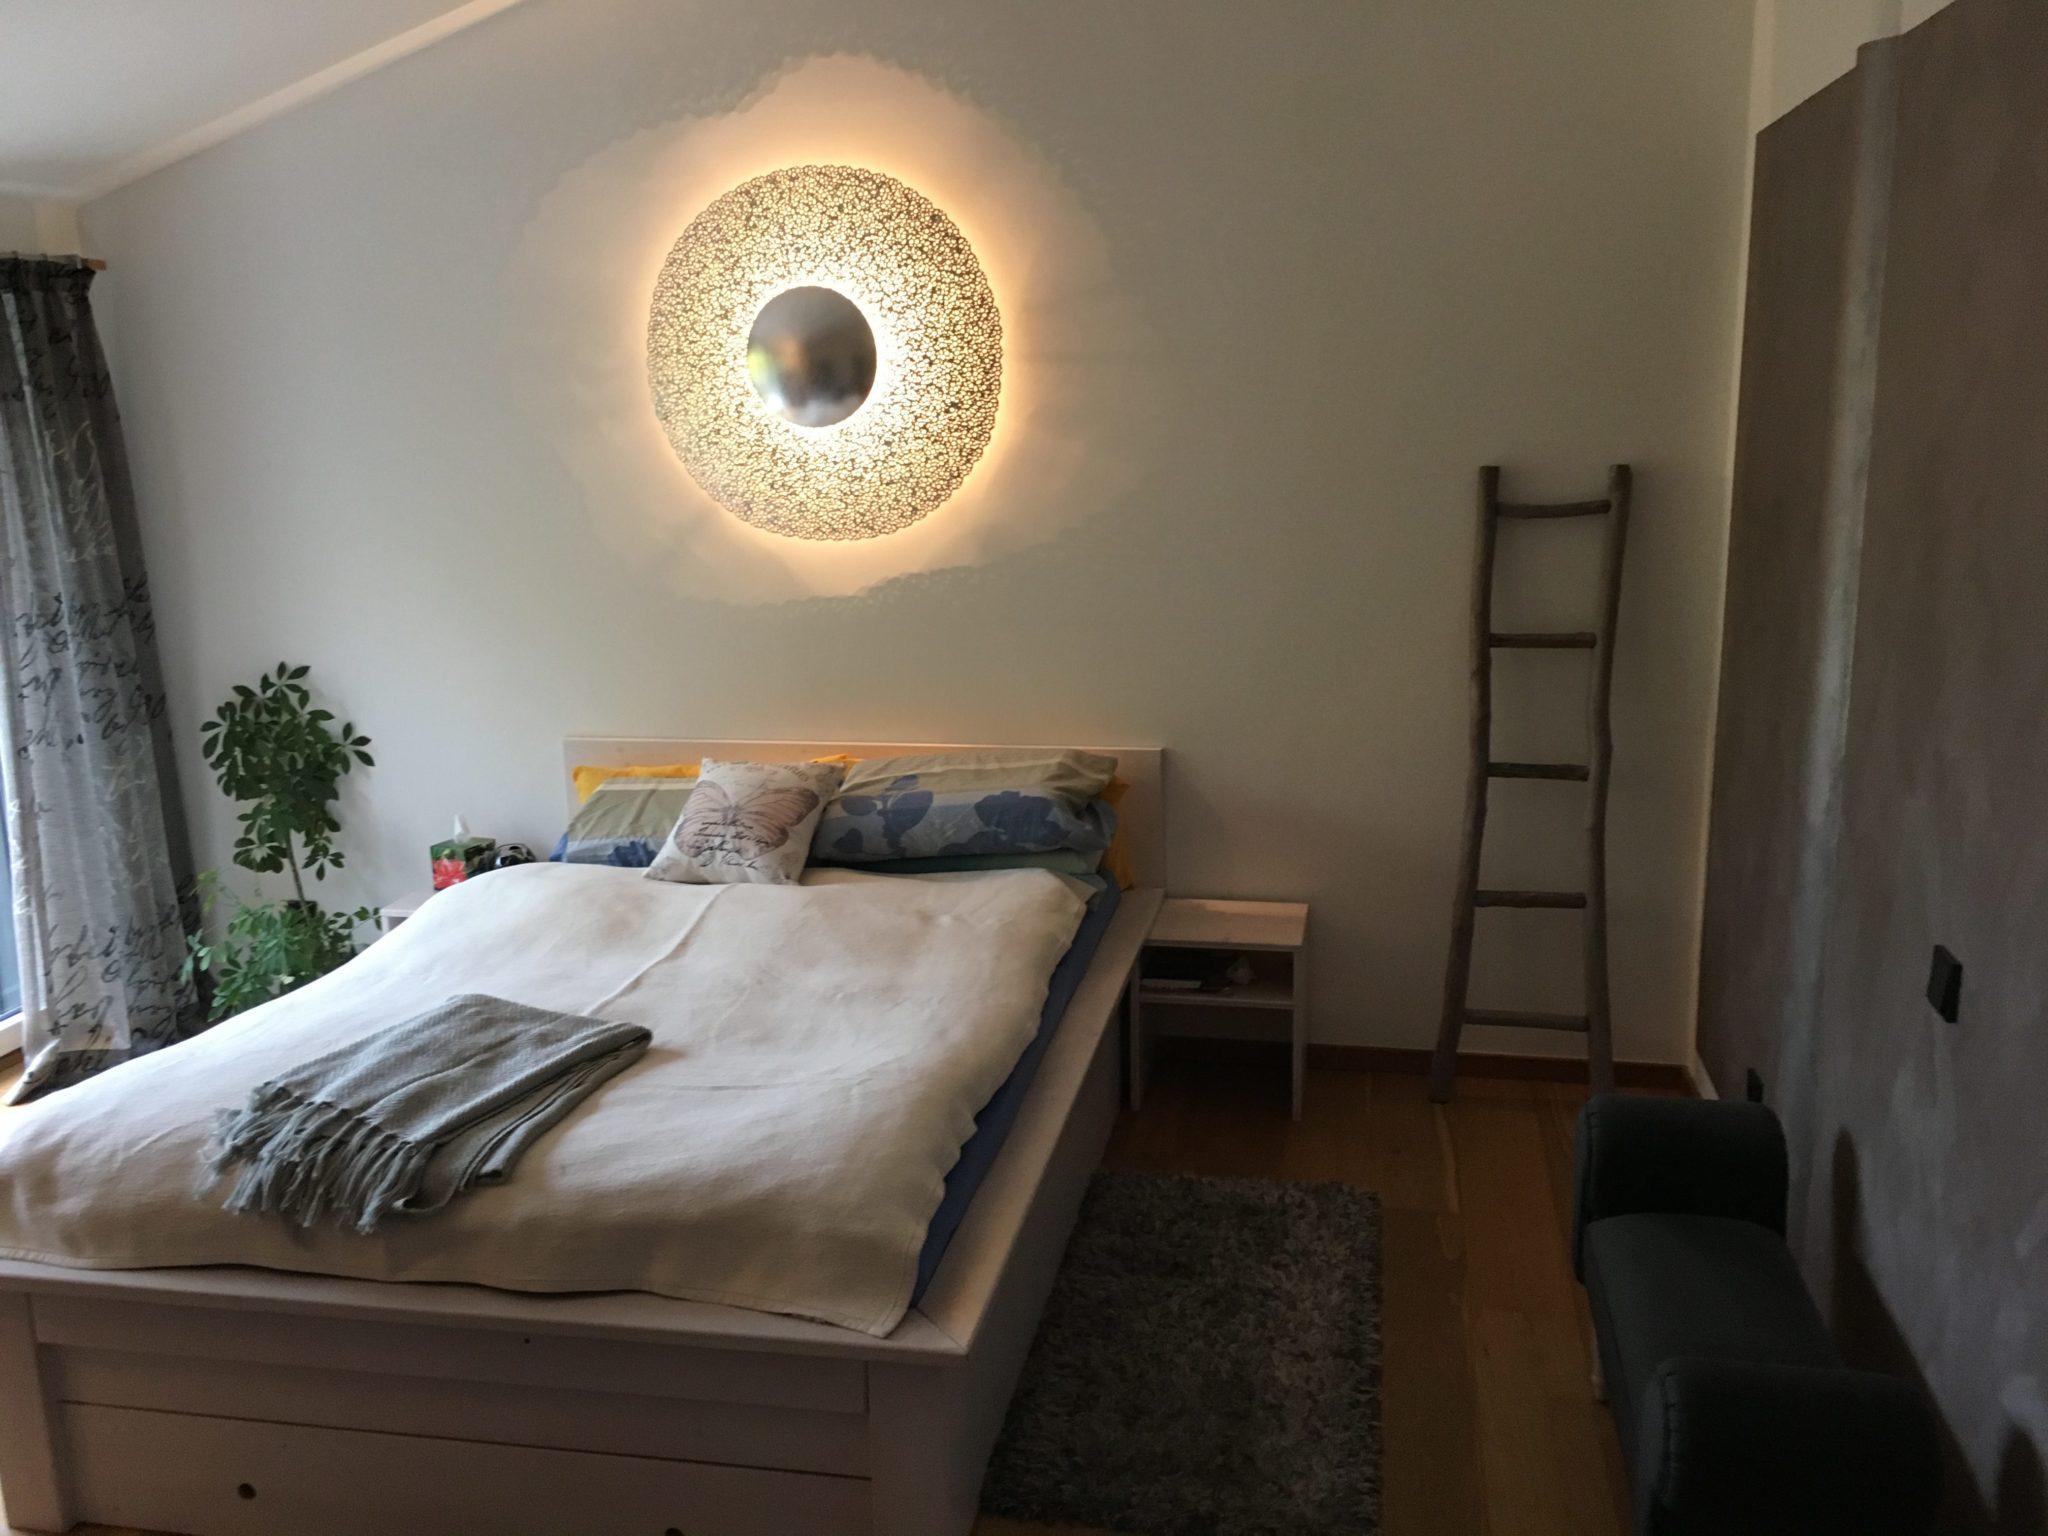 Schlafzimmer renovieren top ergebnis mit wenig for Schlafzimmer renovieren